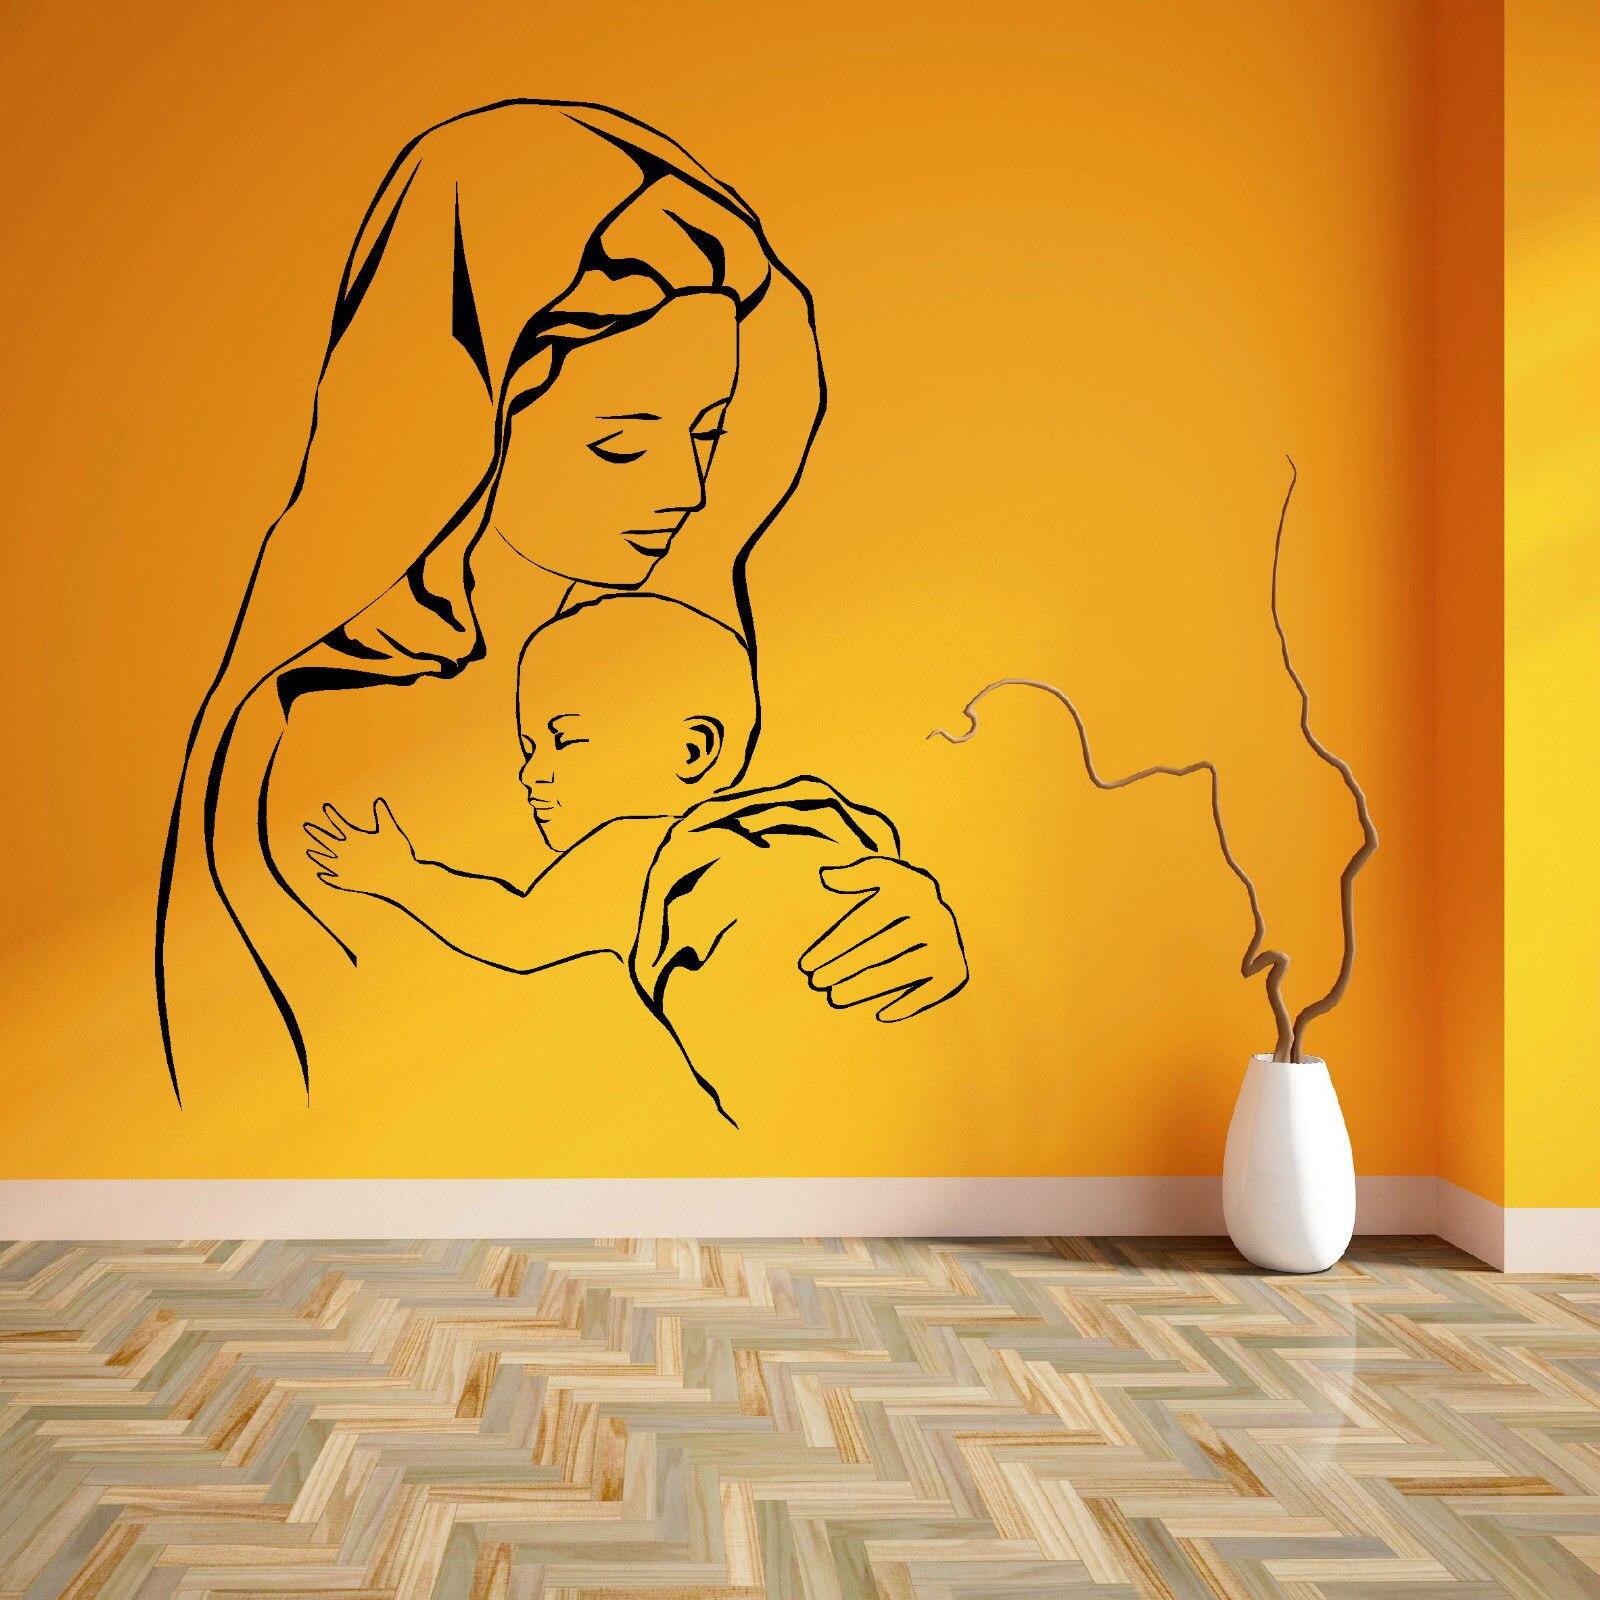 VIRGIN MARY A JESUS MOTHER BABY MADONNA DĚTSKÉ Vinyl nástěnné umění nálepka nálepka doprava zdarma